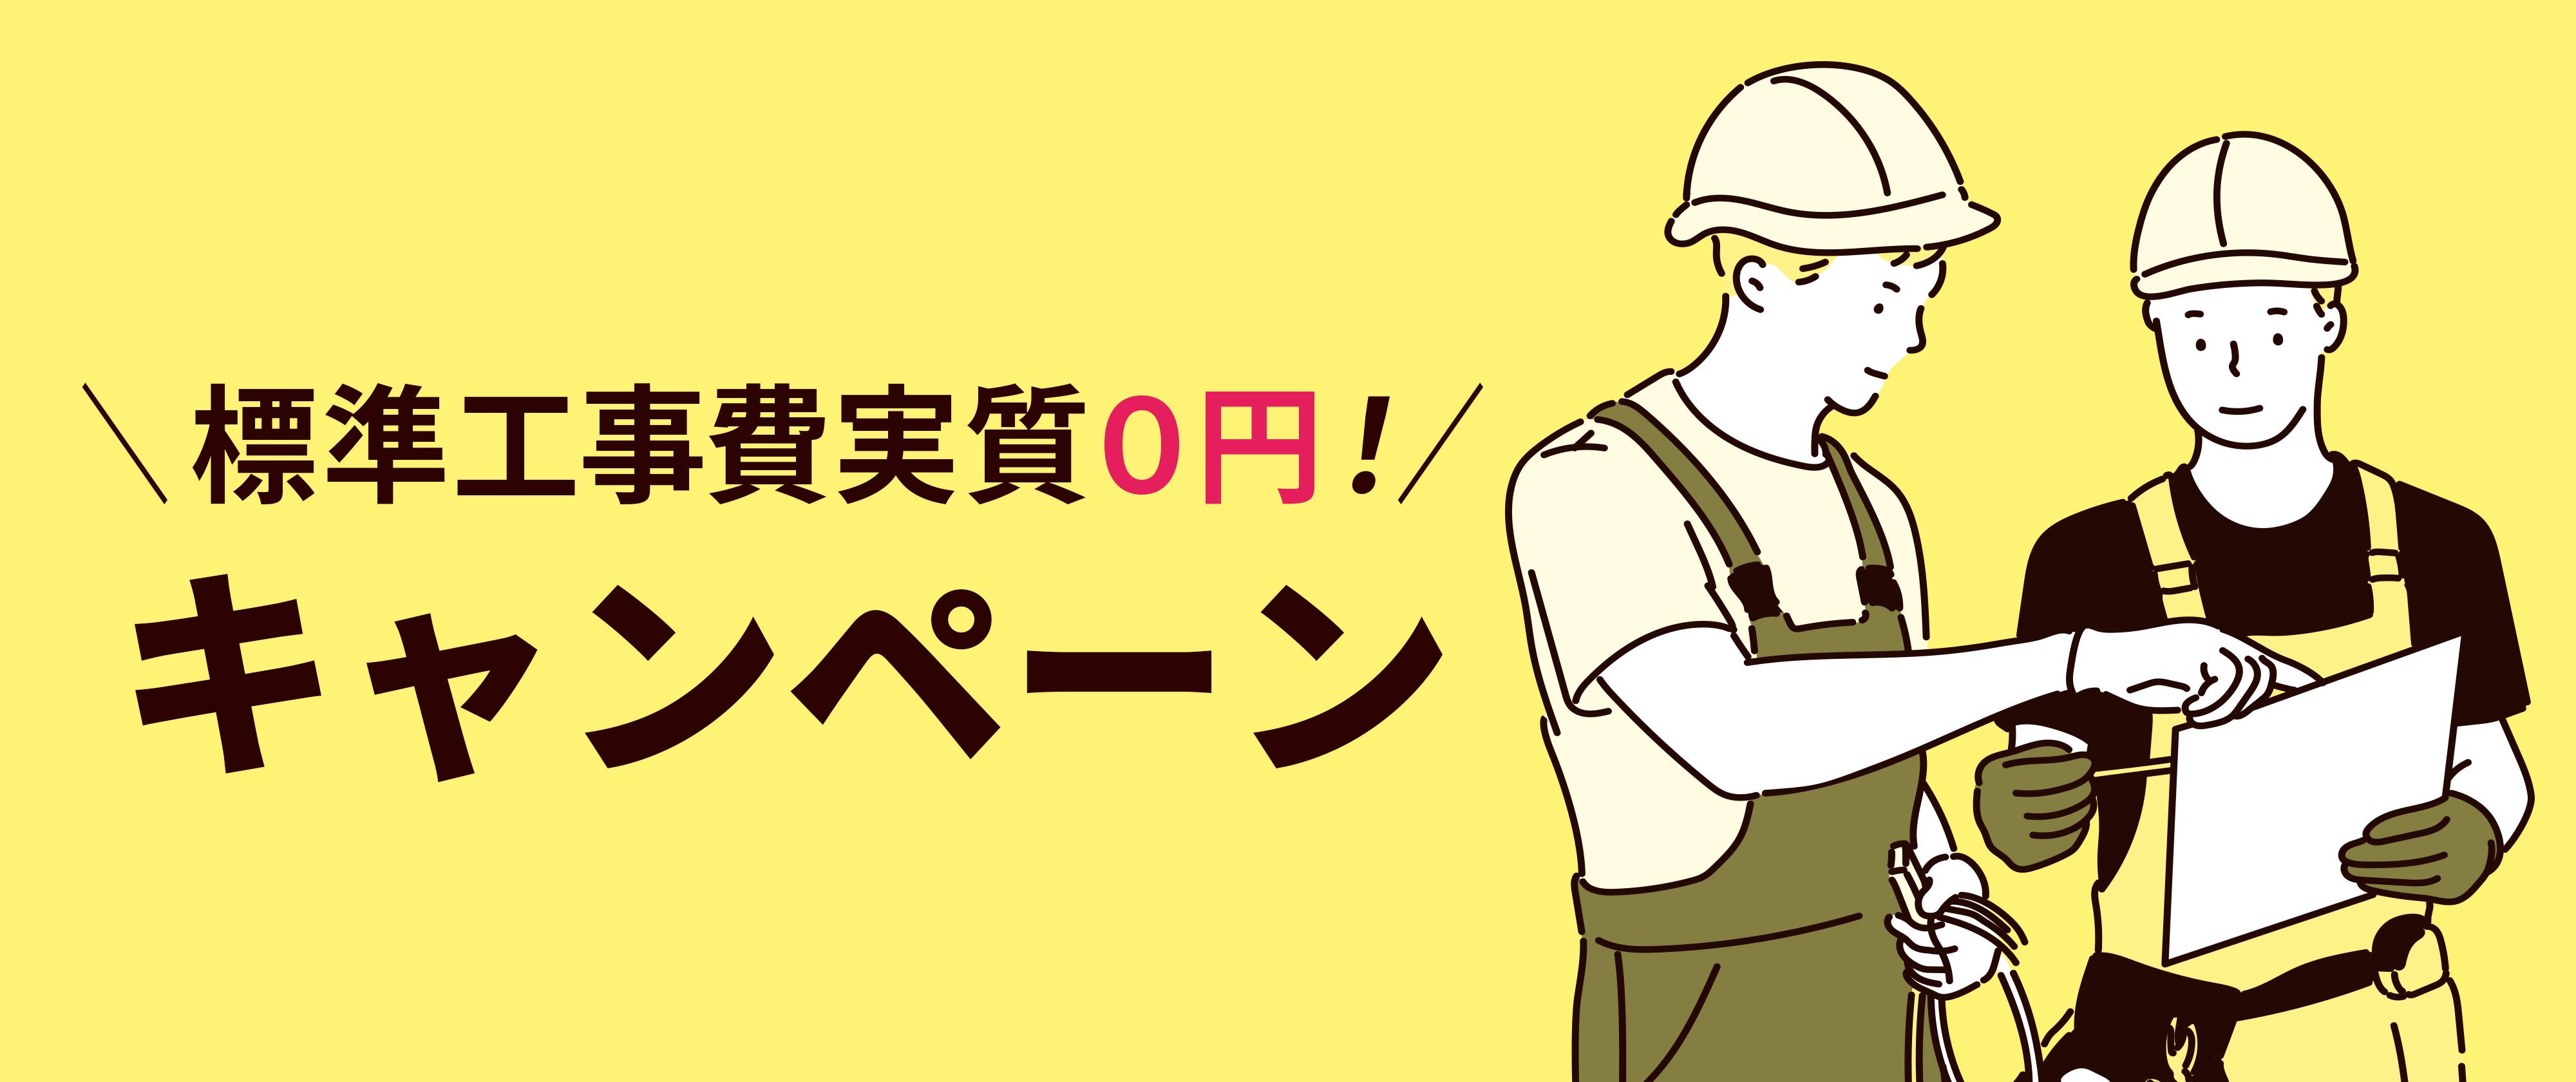 標準工事費無料!2019 0円キャンペーン